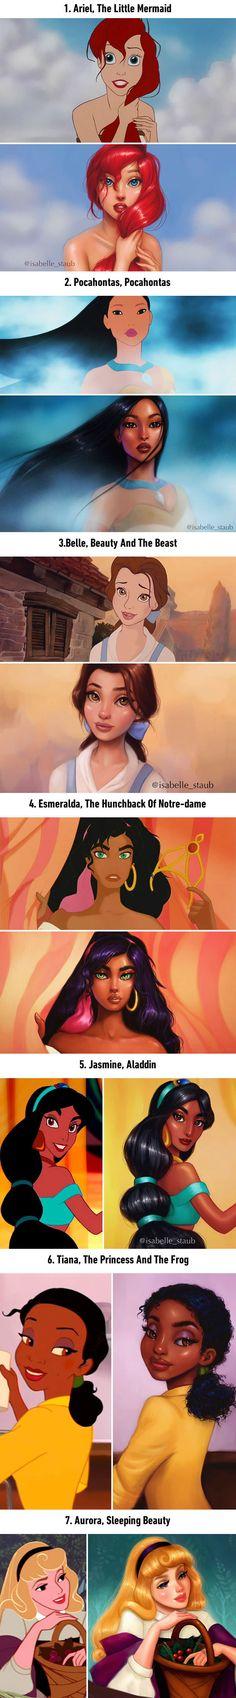 Illustrator Repaints Disney Princesses In Gorgeous New Digital Series